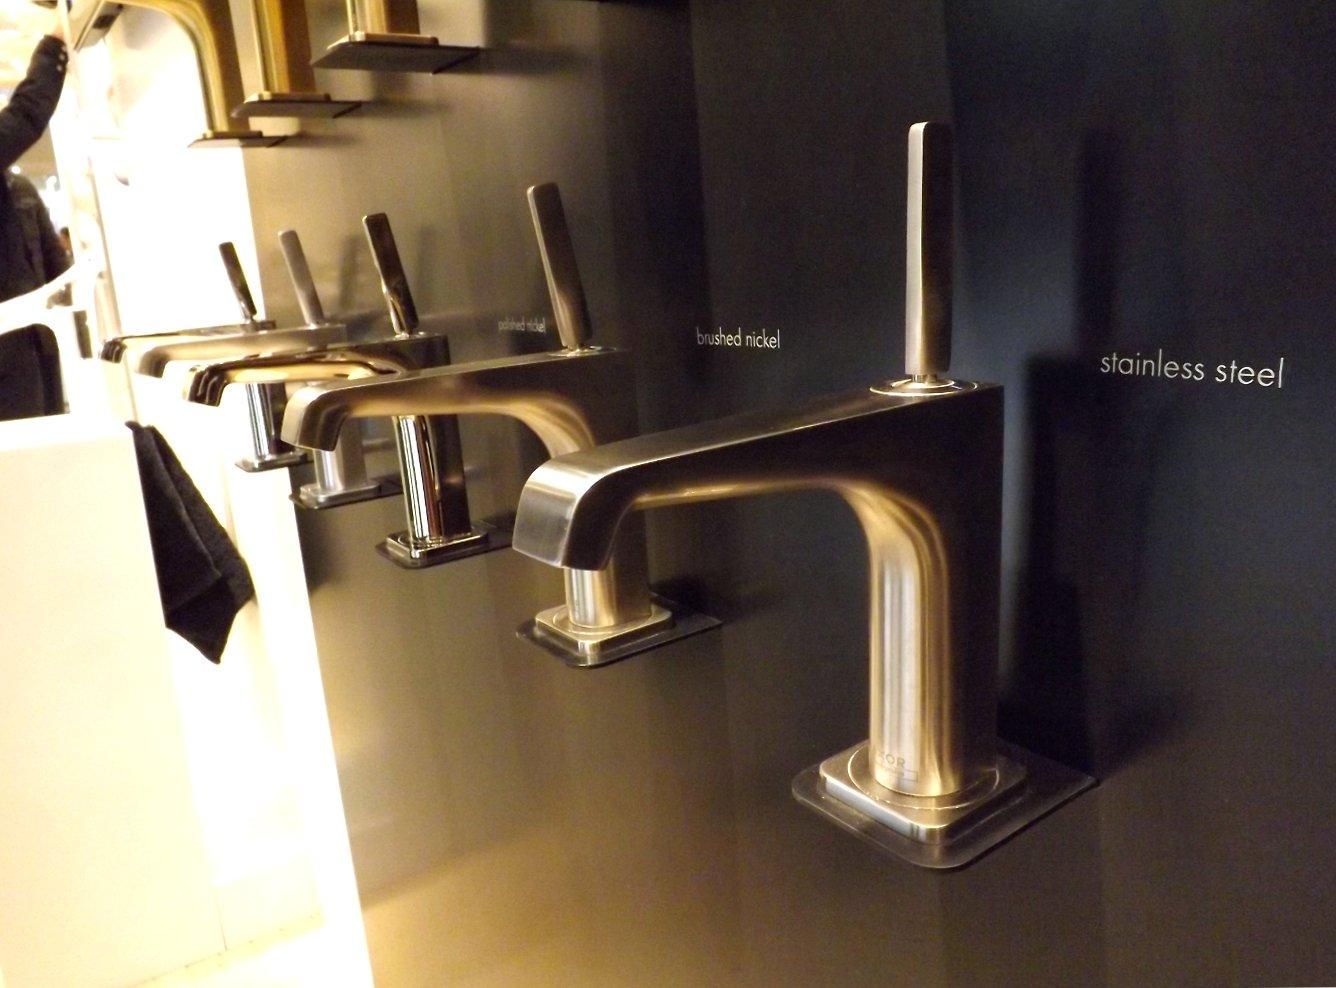 Модные тренды сантехники и аксессуаров для ванной 2016: смесители с декоративными отделками на экспозиции от AXOR (Hansgrohe) во время выставки MosBuild